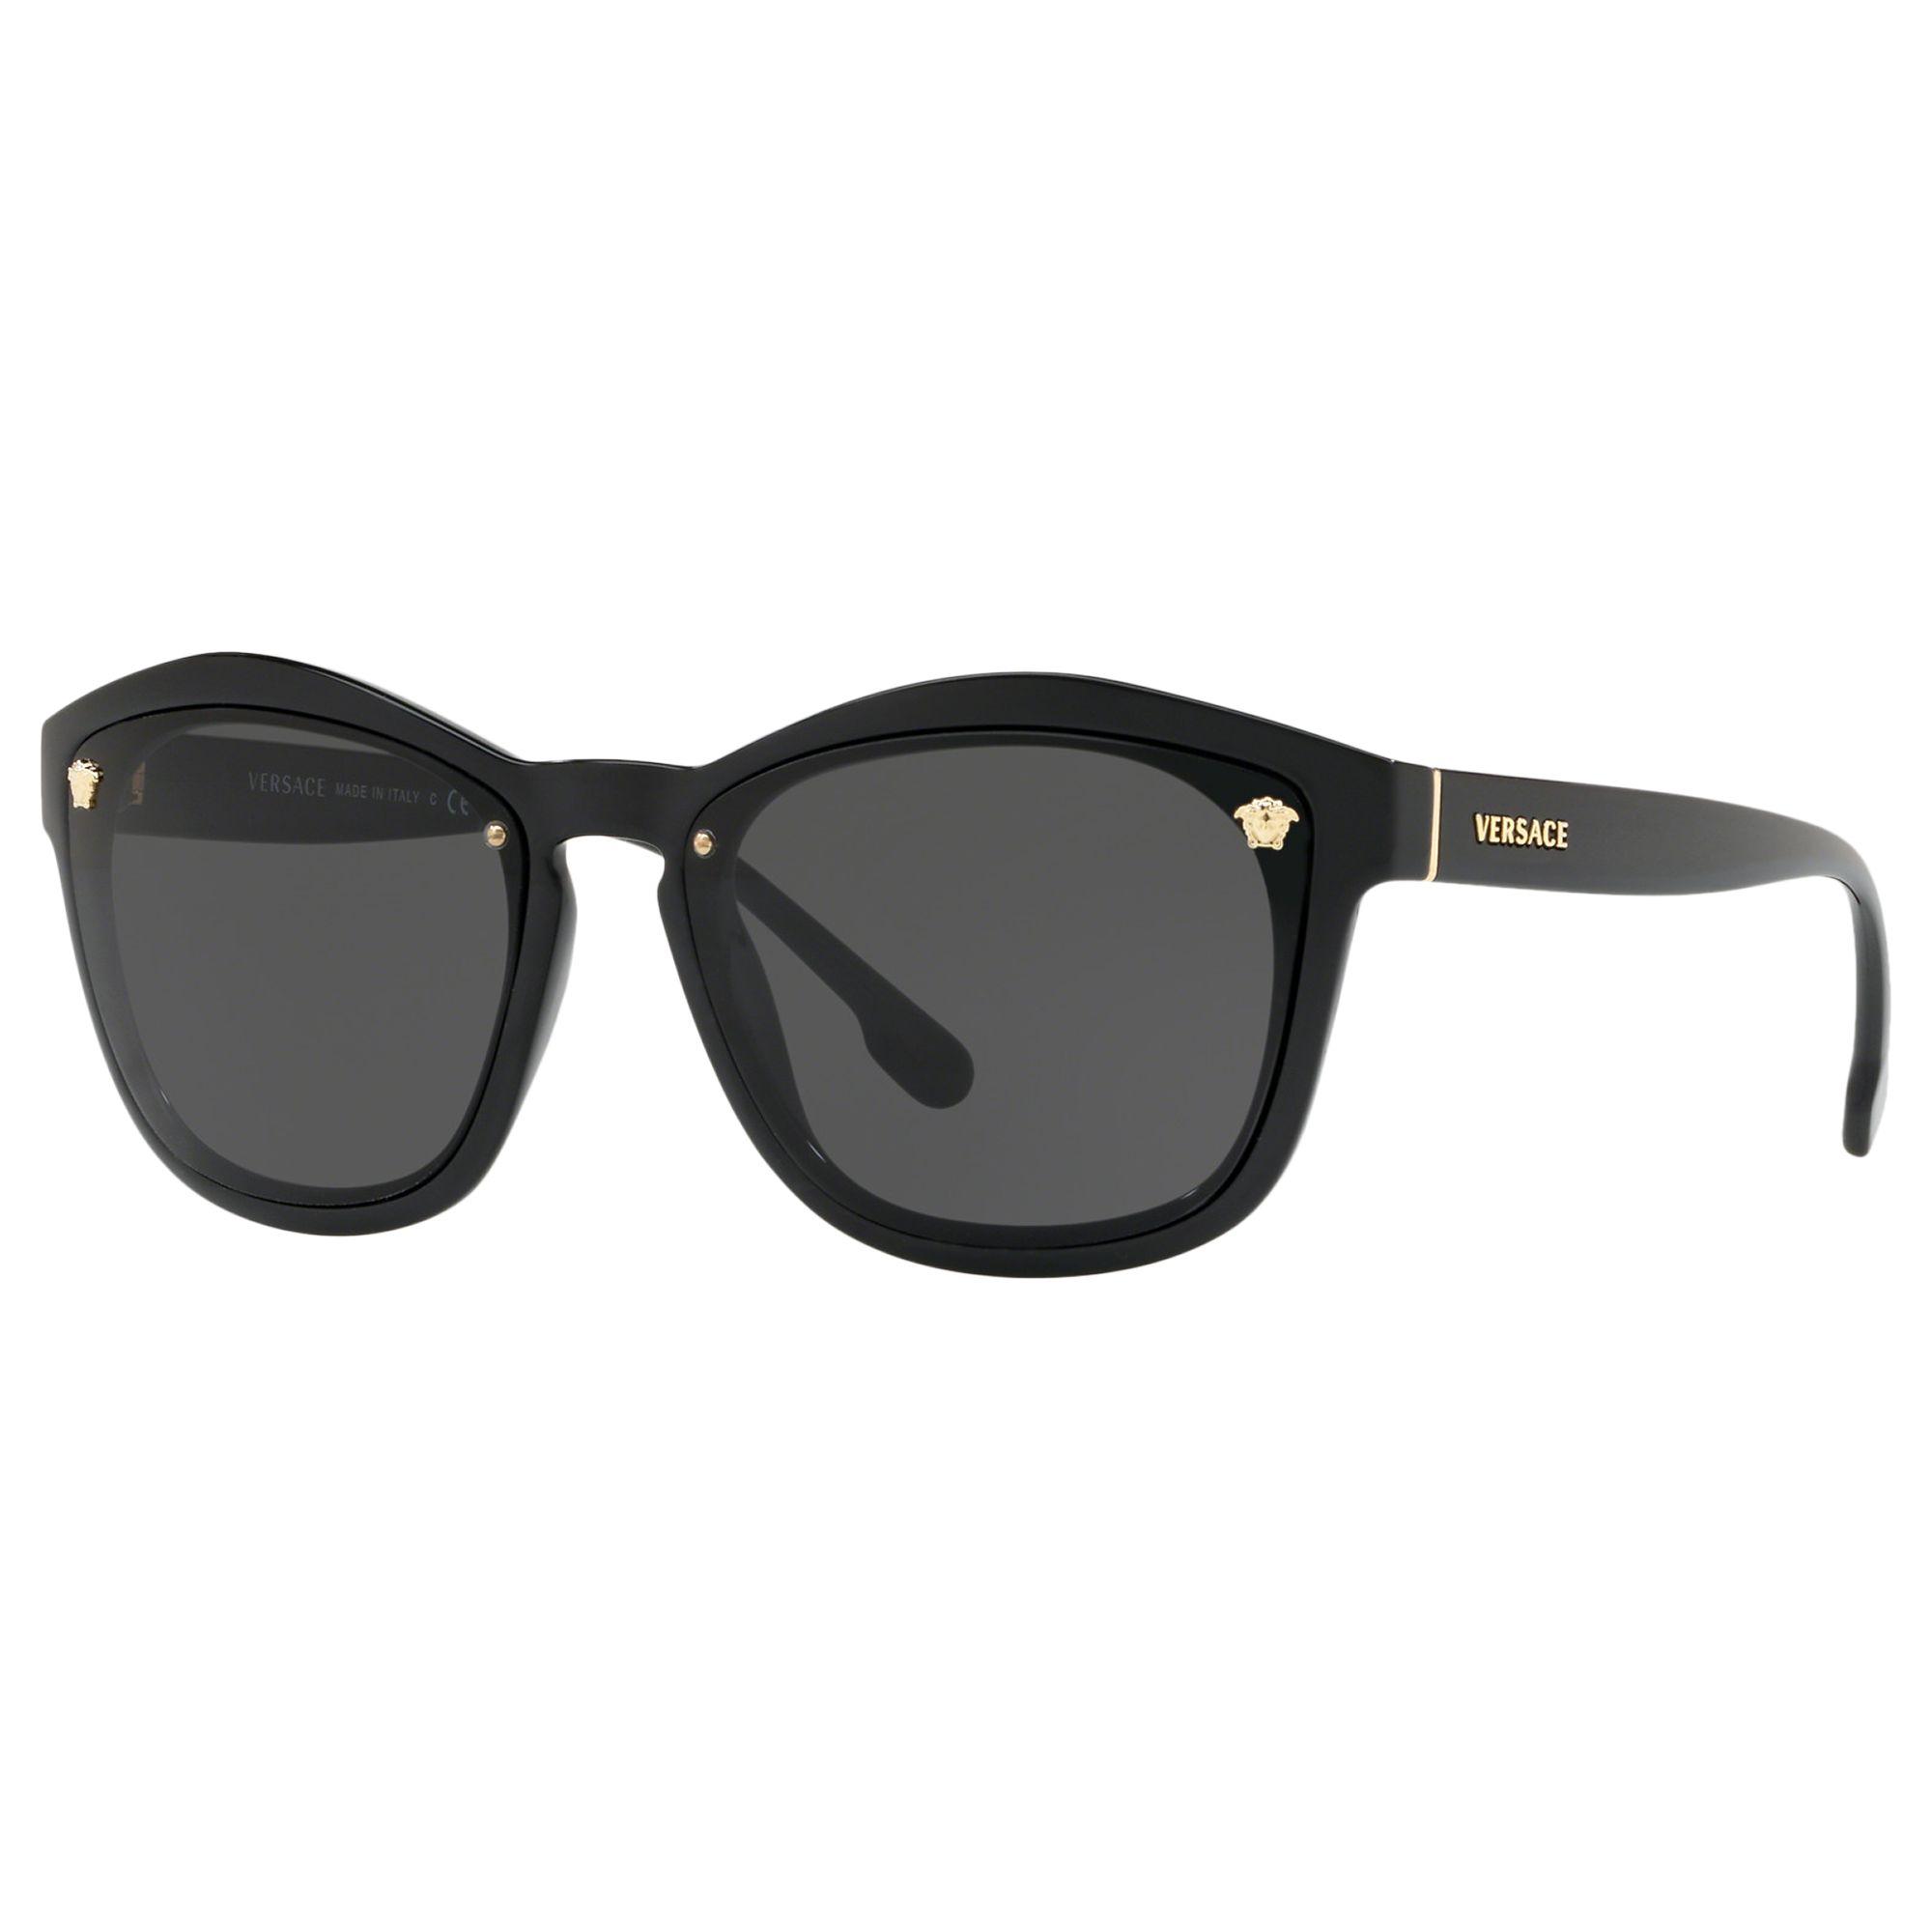 Versace Versace VE4350 Women's Sunglasses, Black/Grey